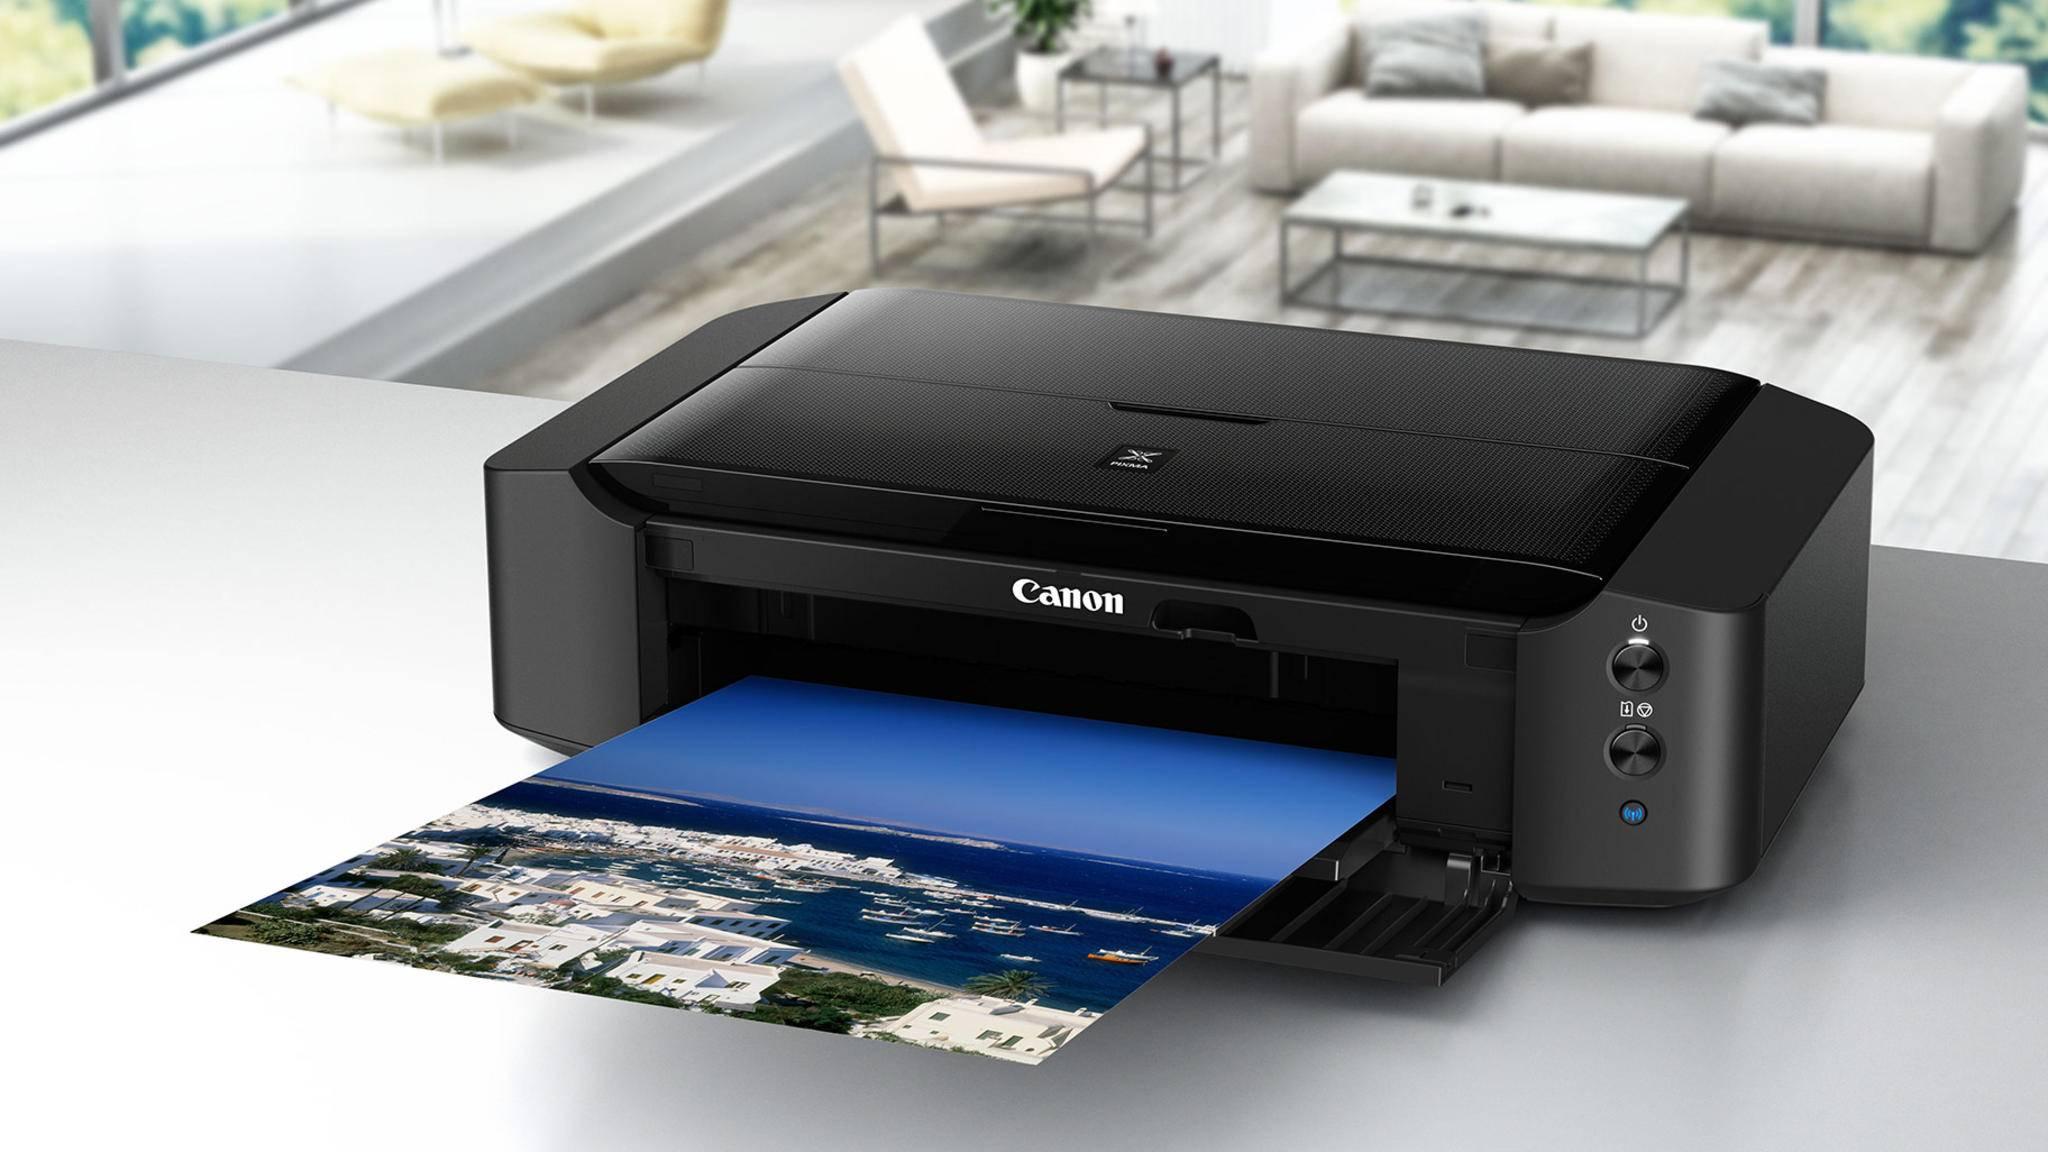 WLAN-Drucker einrichten: So klappt es ohne Probleme